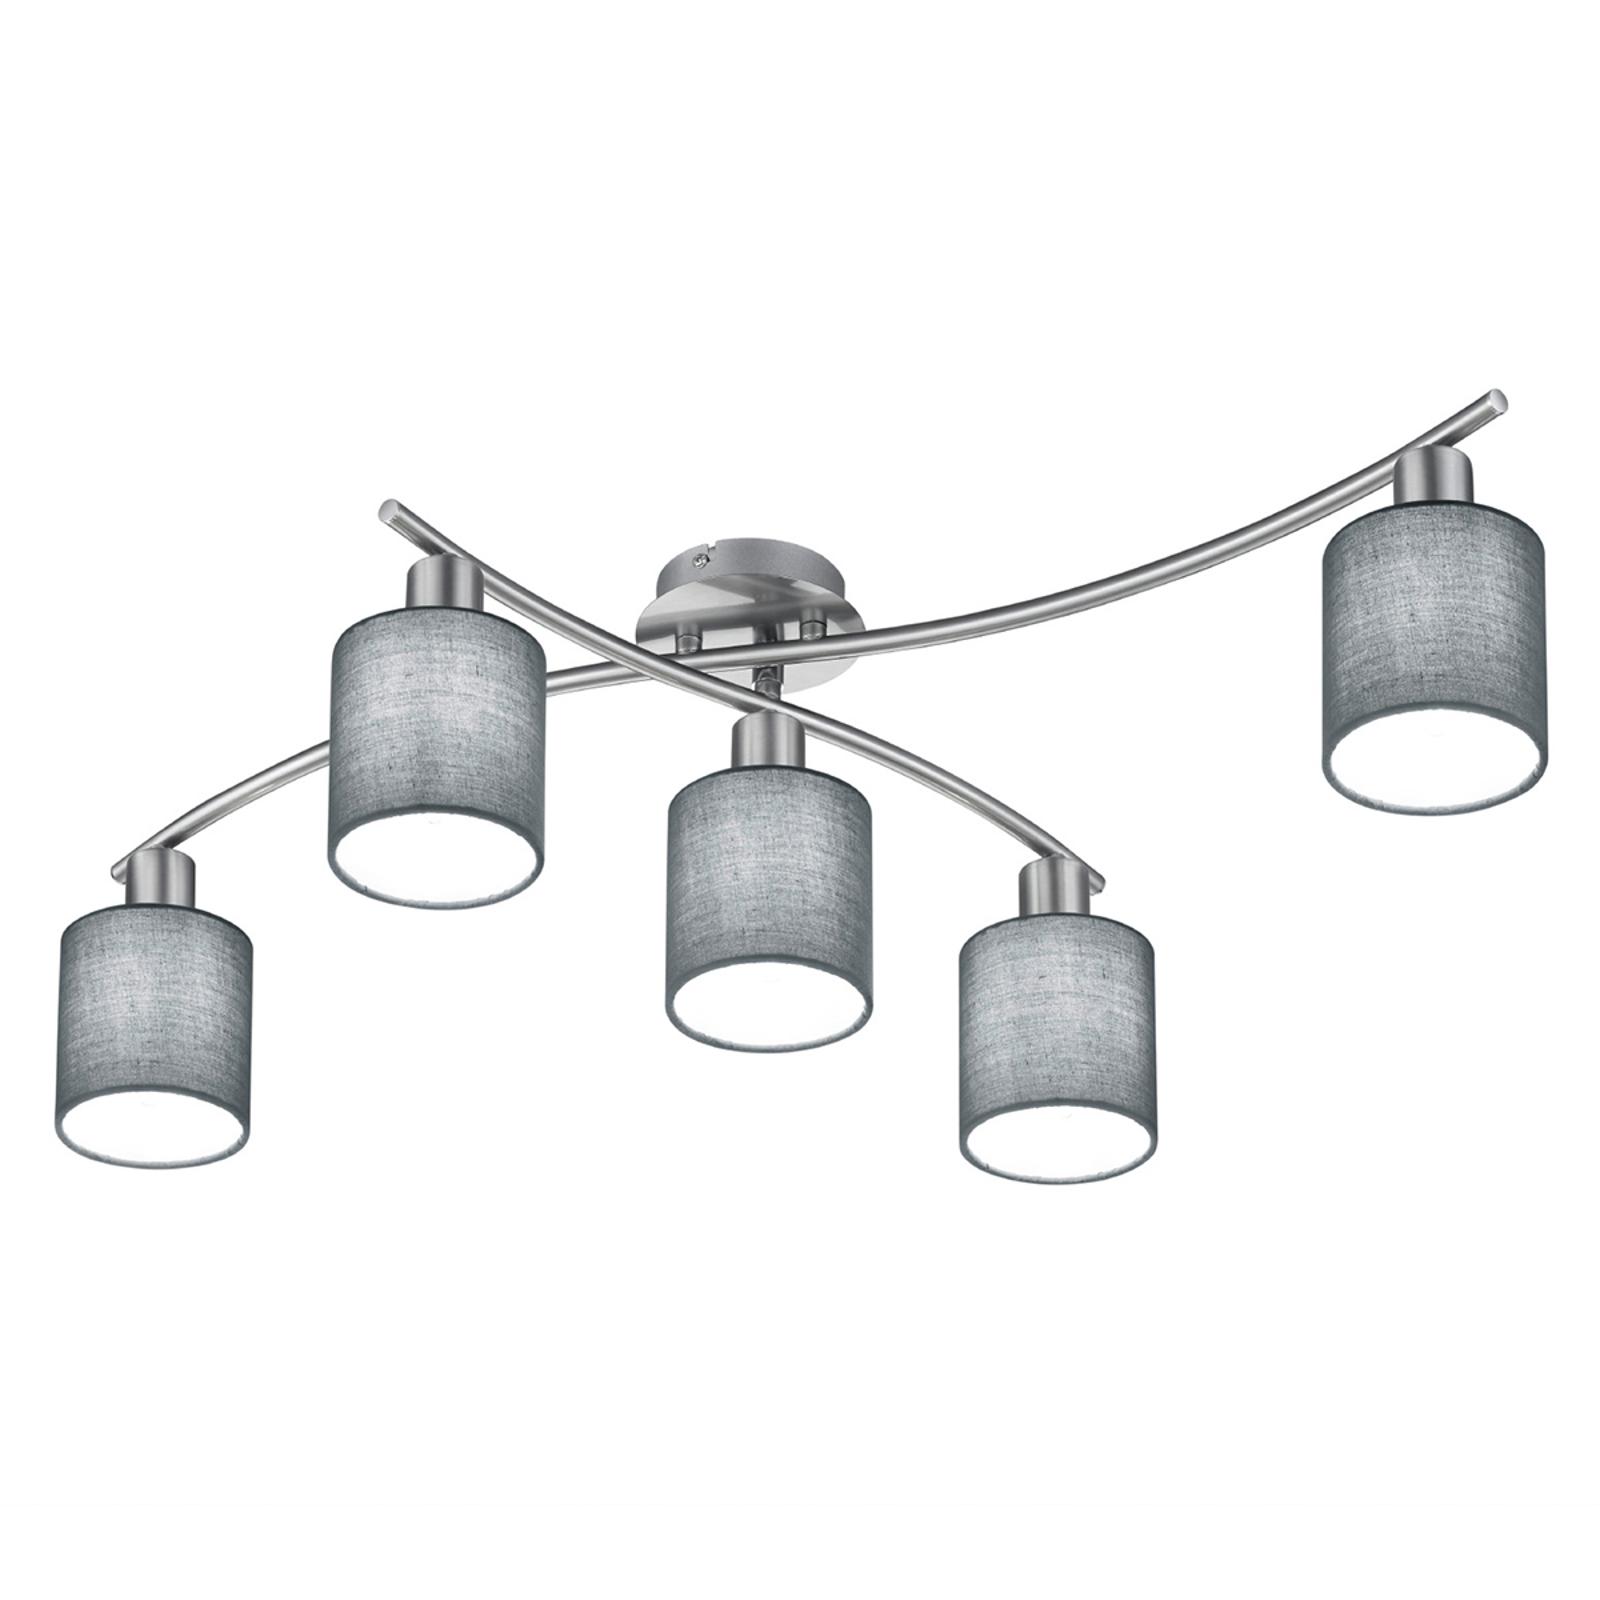 Lampa sufitowa Garda – 5-punktowa, szare klosze